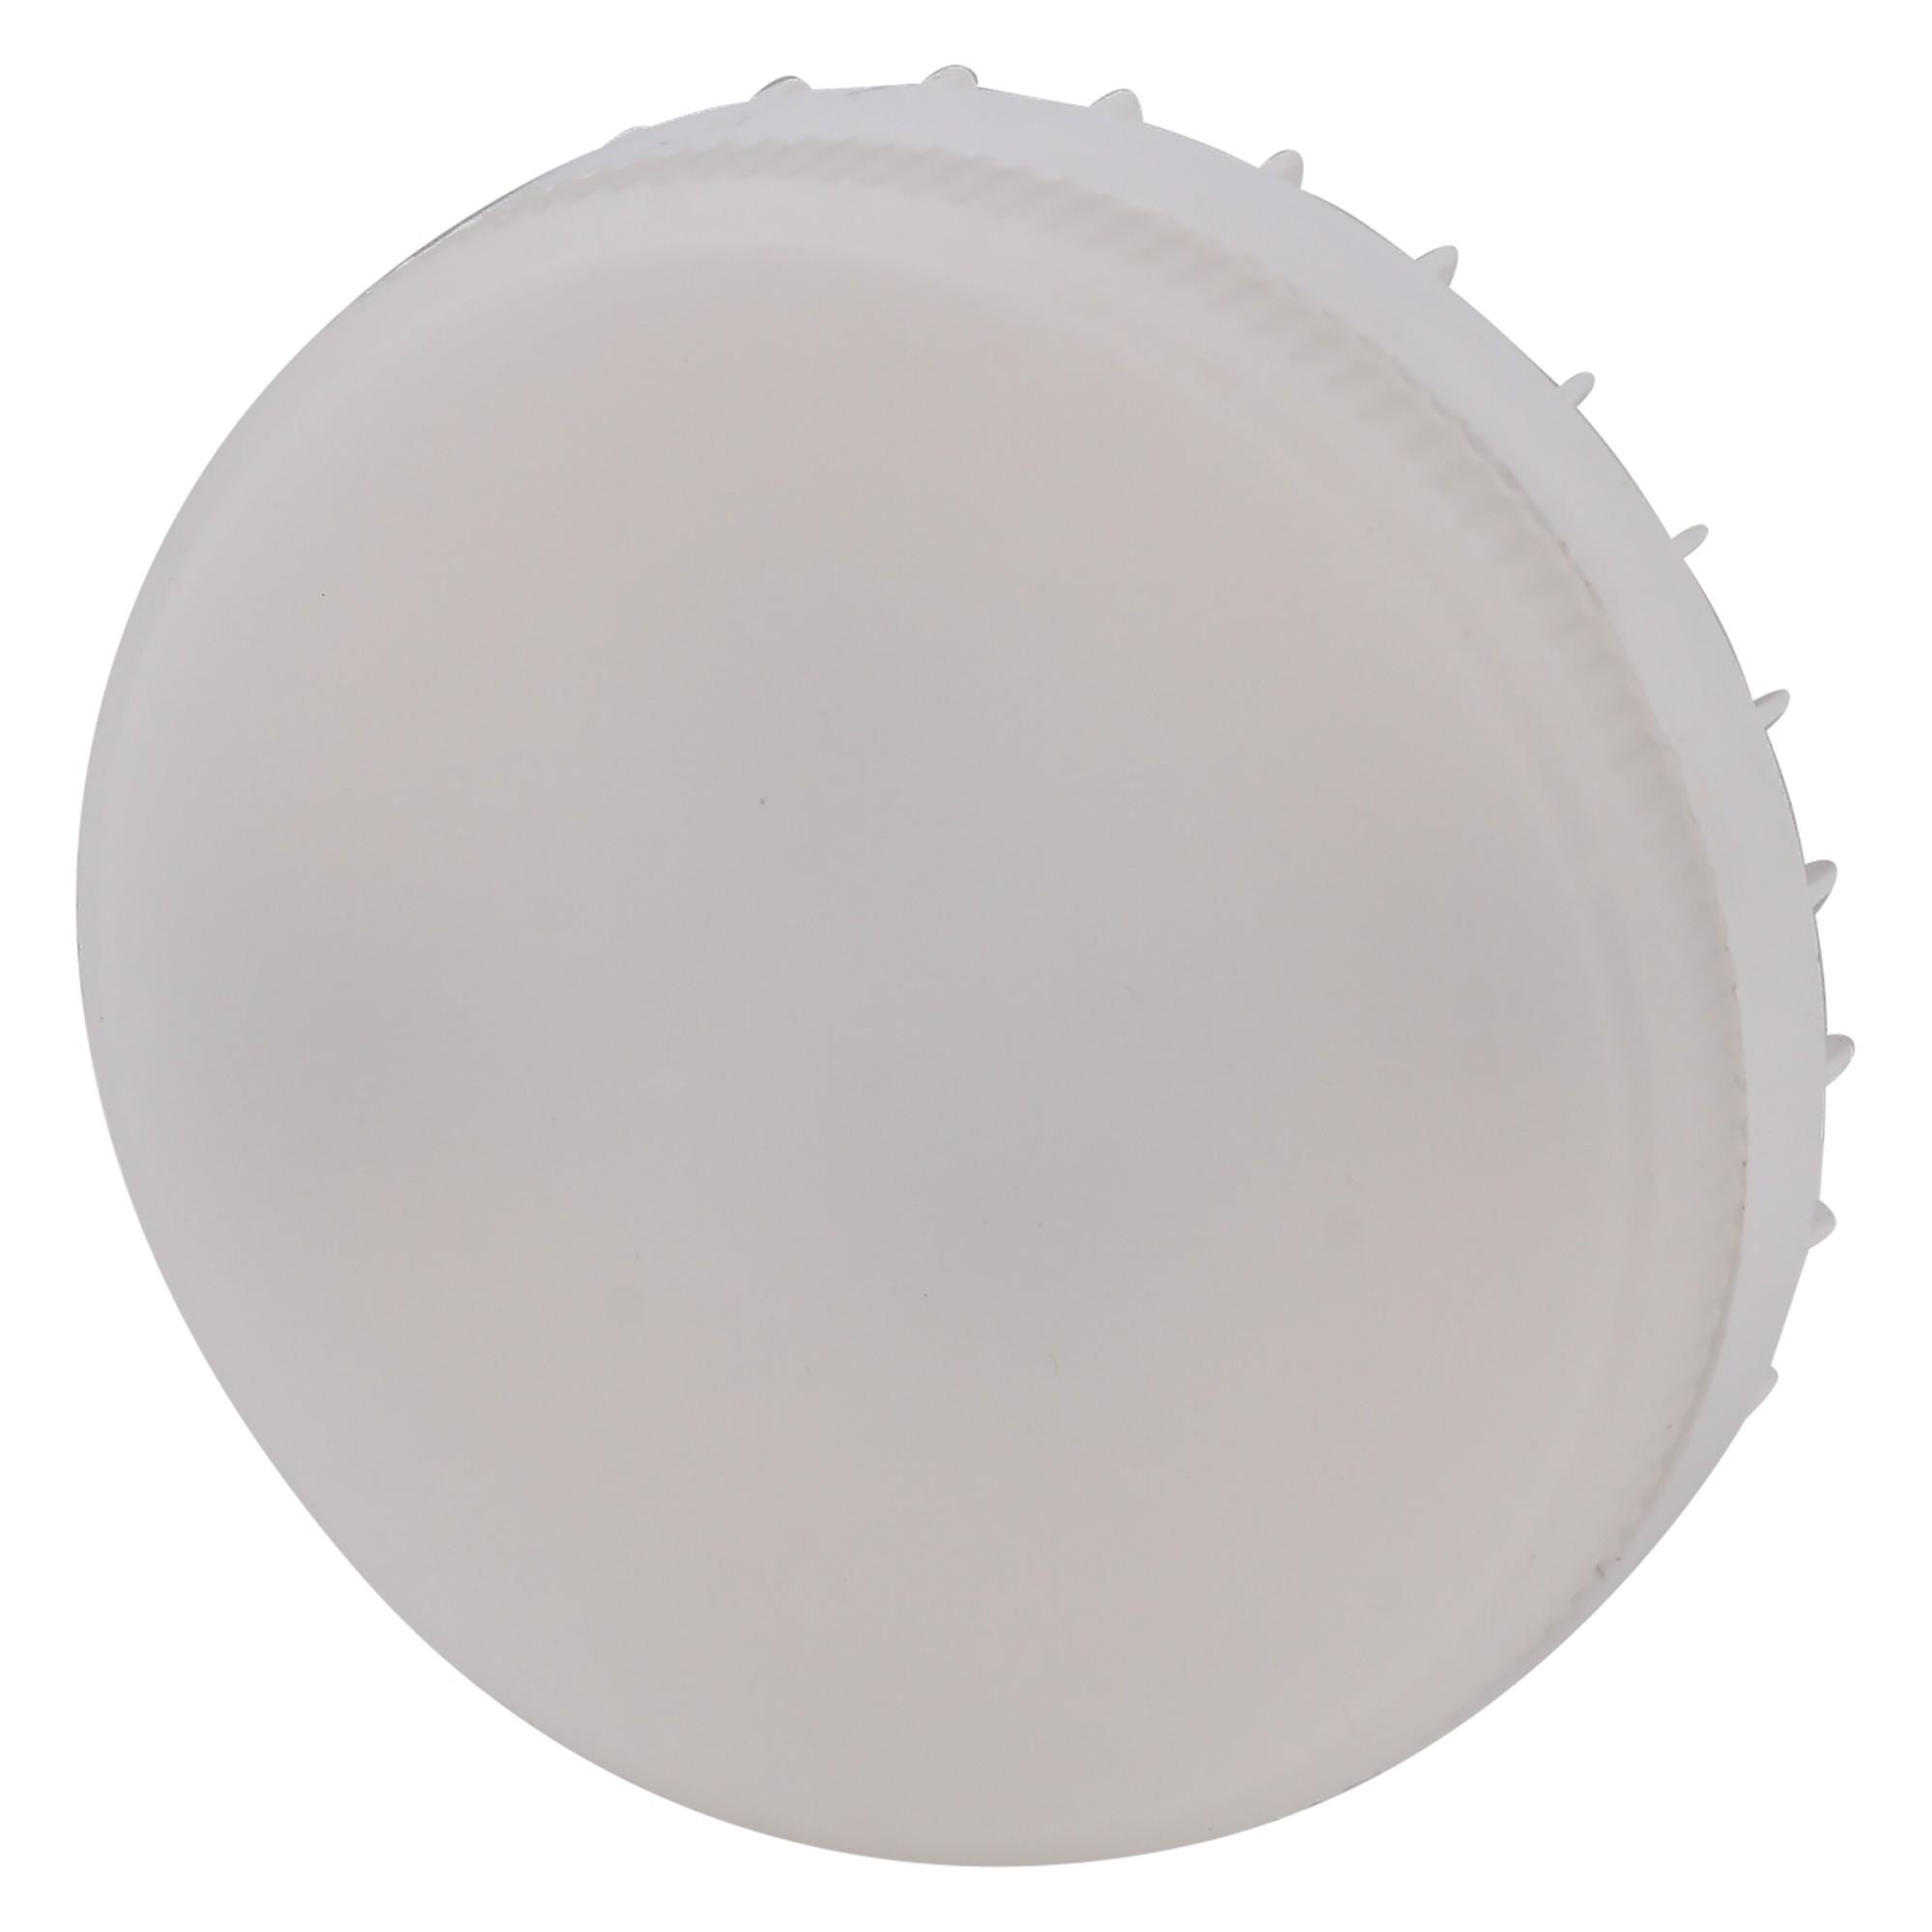 Лампа светодиодная Osram GX53 230 В 10 Вт спот прозрачная 1000 лм нейтральный белый свет